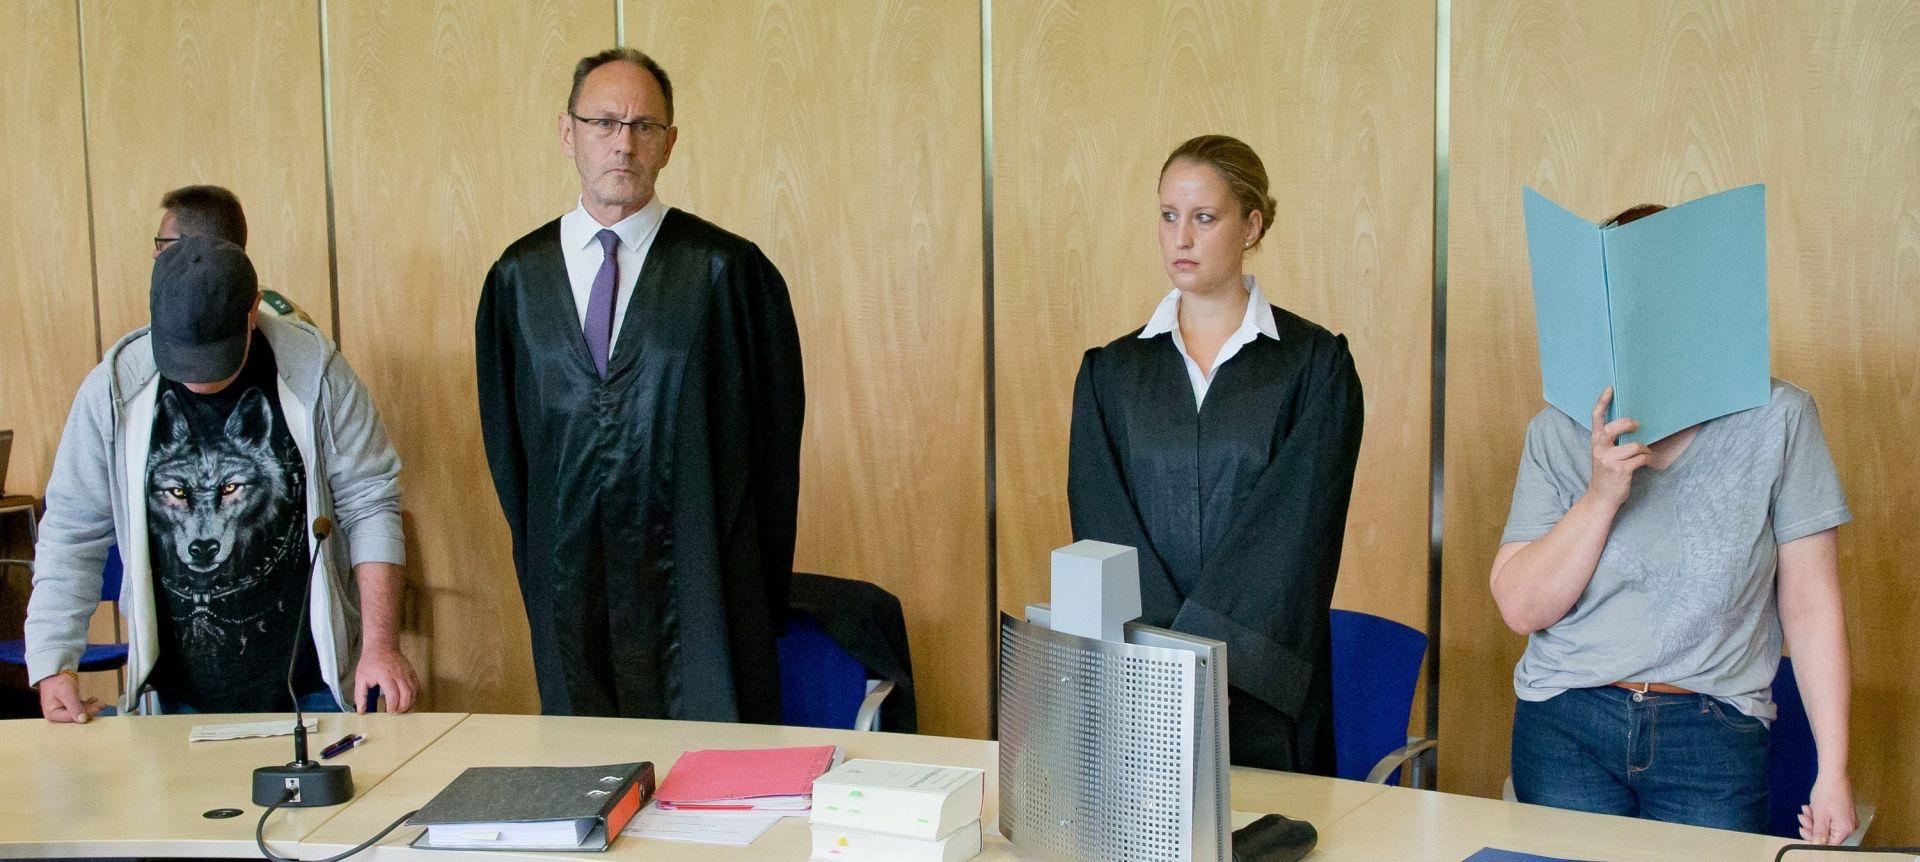 ZLOČIN U BAVARSKOJ: Žena priznala sudjelovanje u umorstvu osmero djece